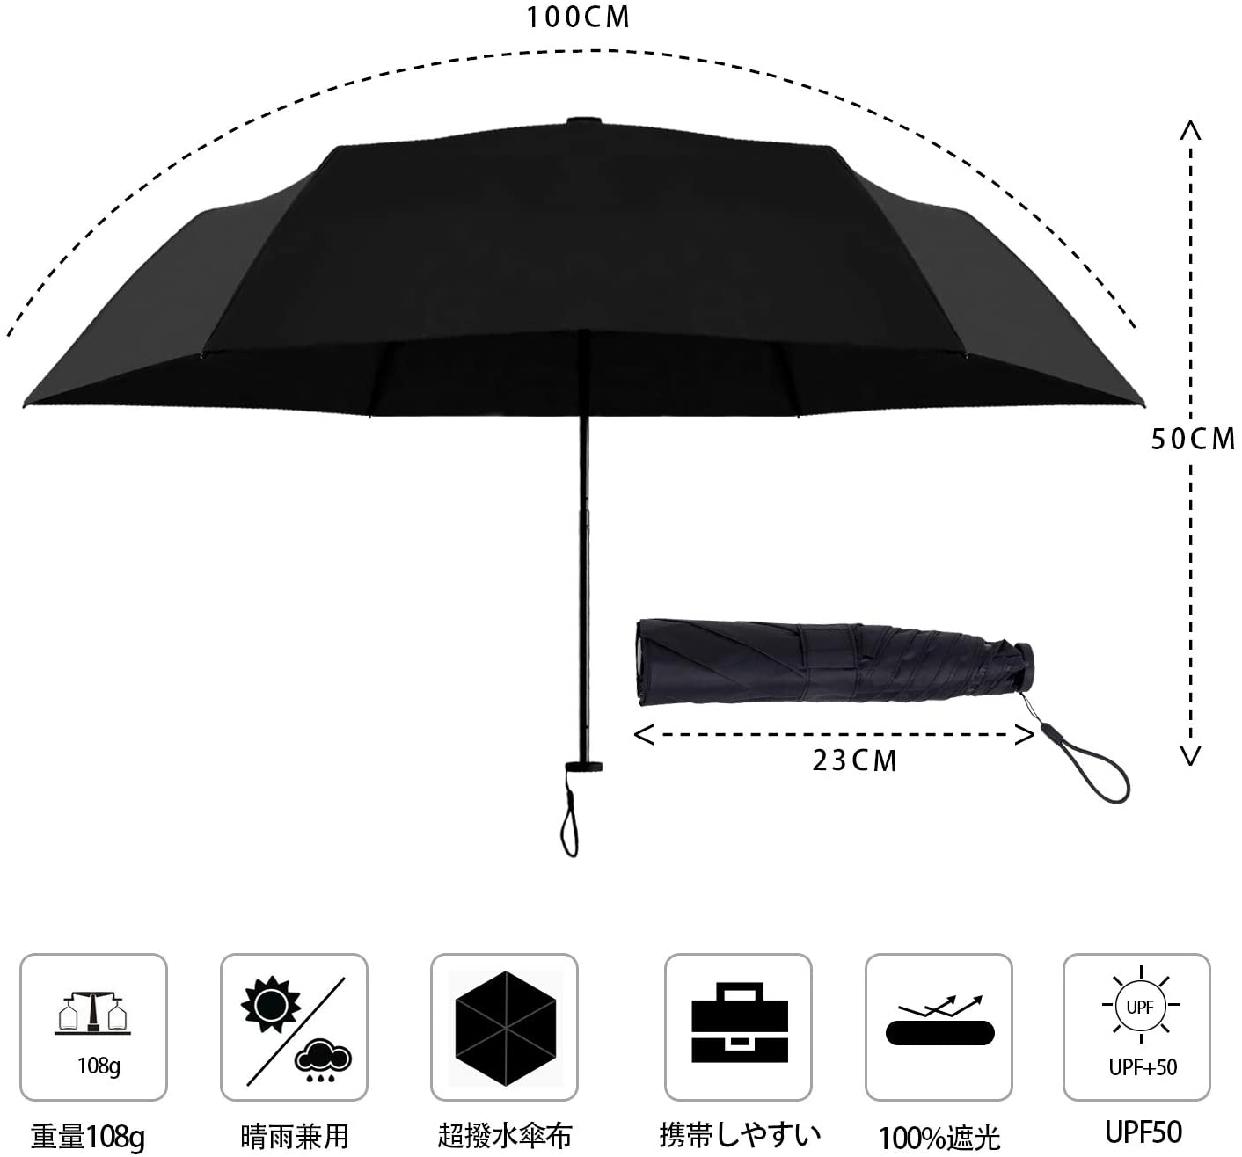 TaiYou 折りたたみ傘 日傘 軽量の商品画像3